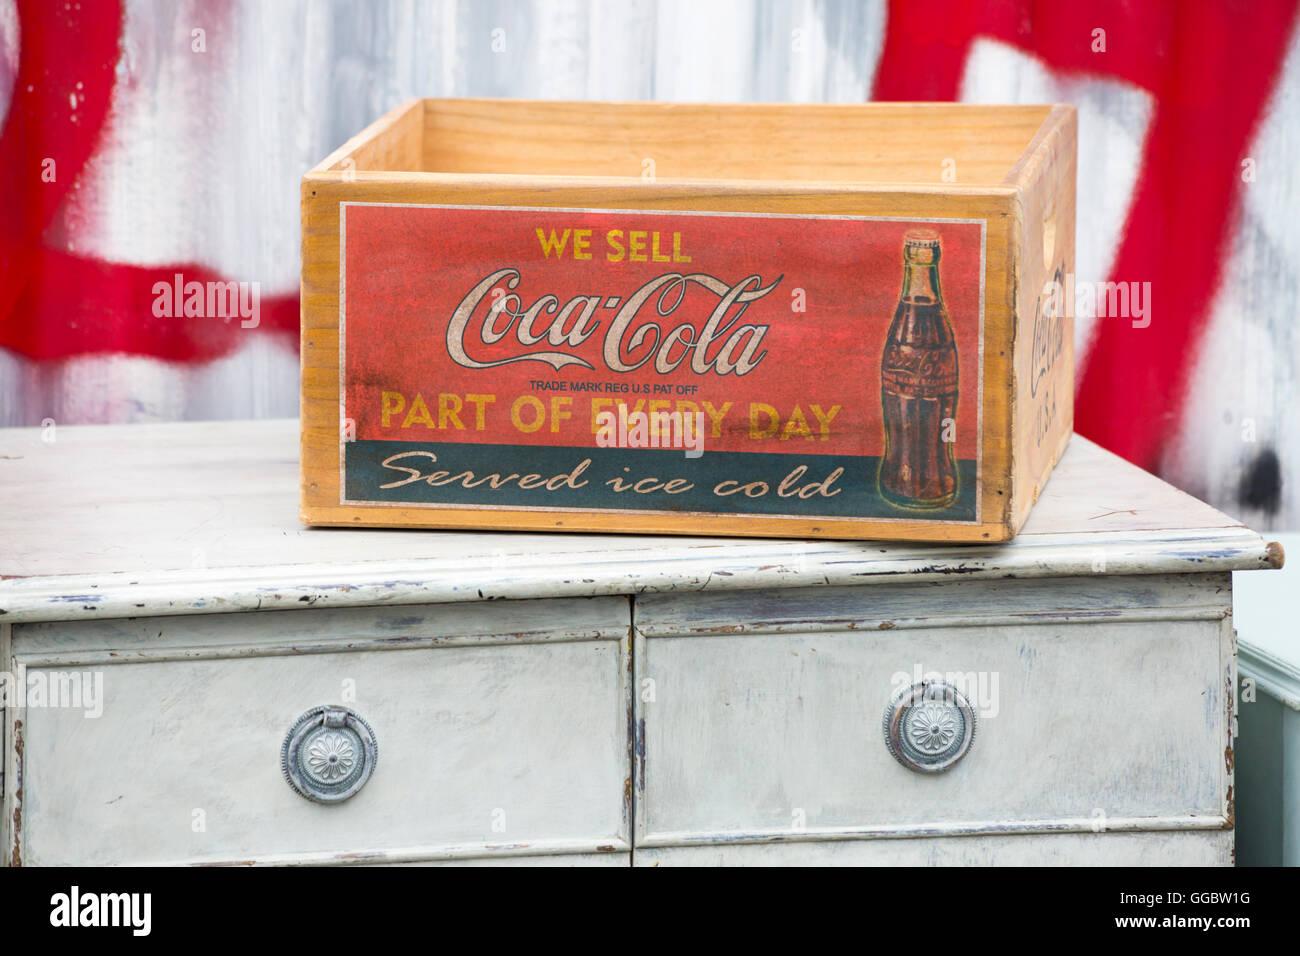 Vendemos Coca-Cola parte de cada día sirve de caja de frío de hielo en el pecho de cajones en Columbia Imagen De Stock